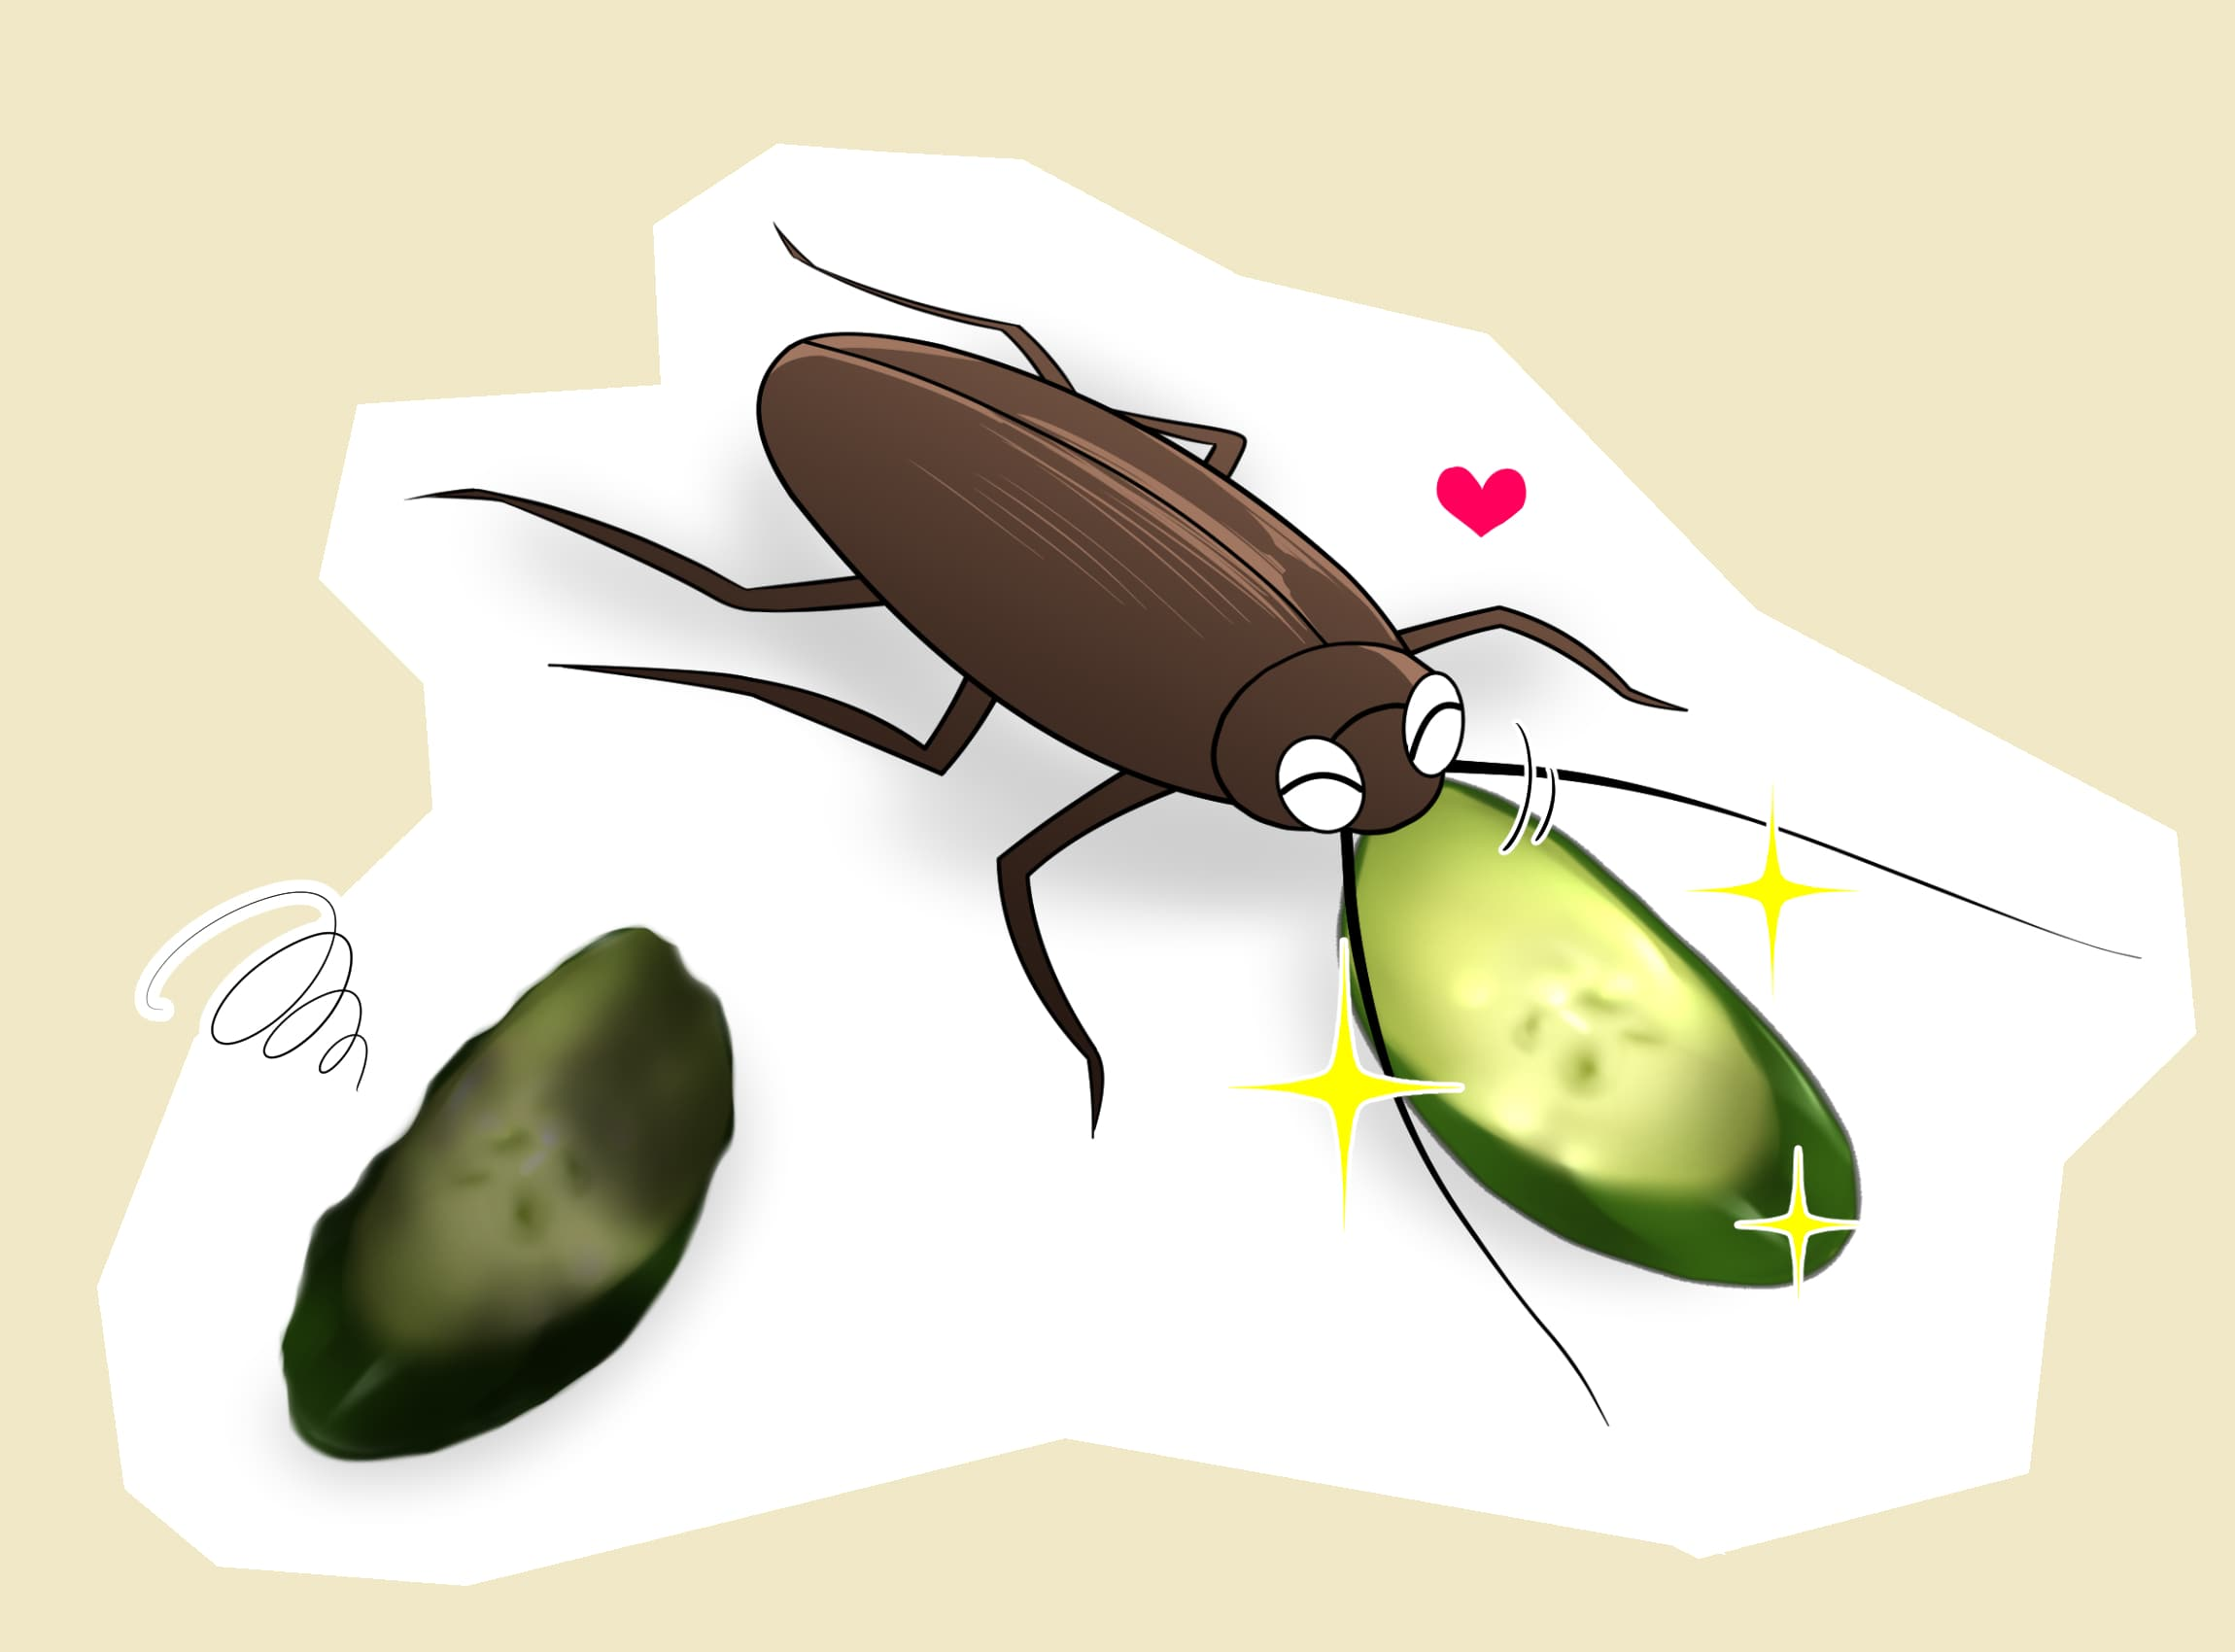 味の違いが分かるグルメなゴキブリ